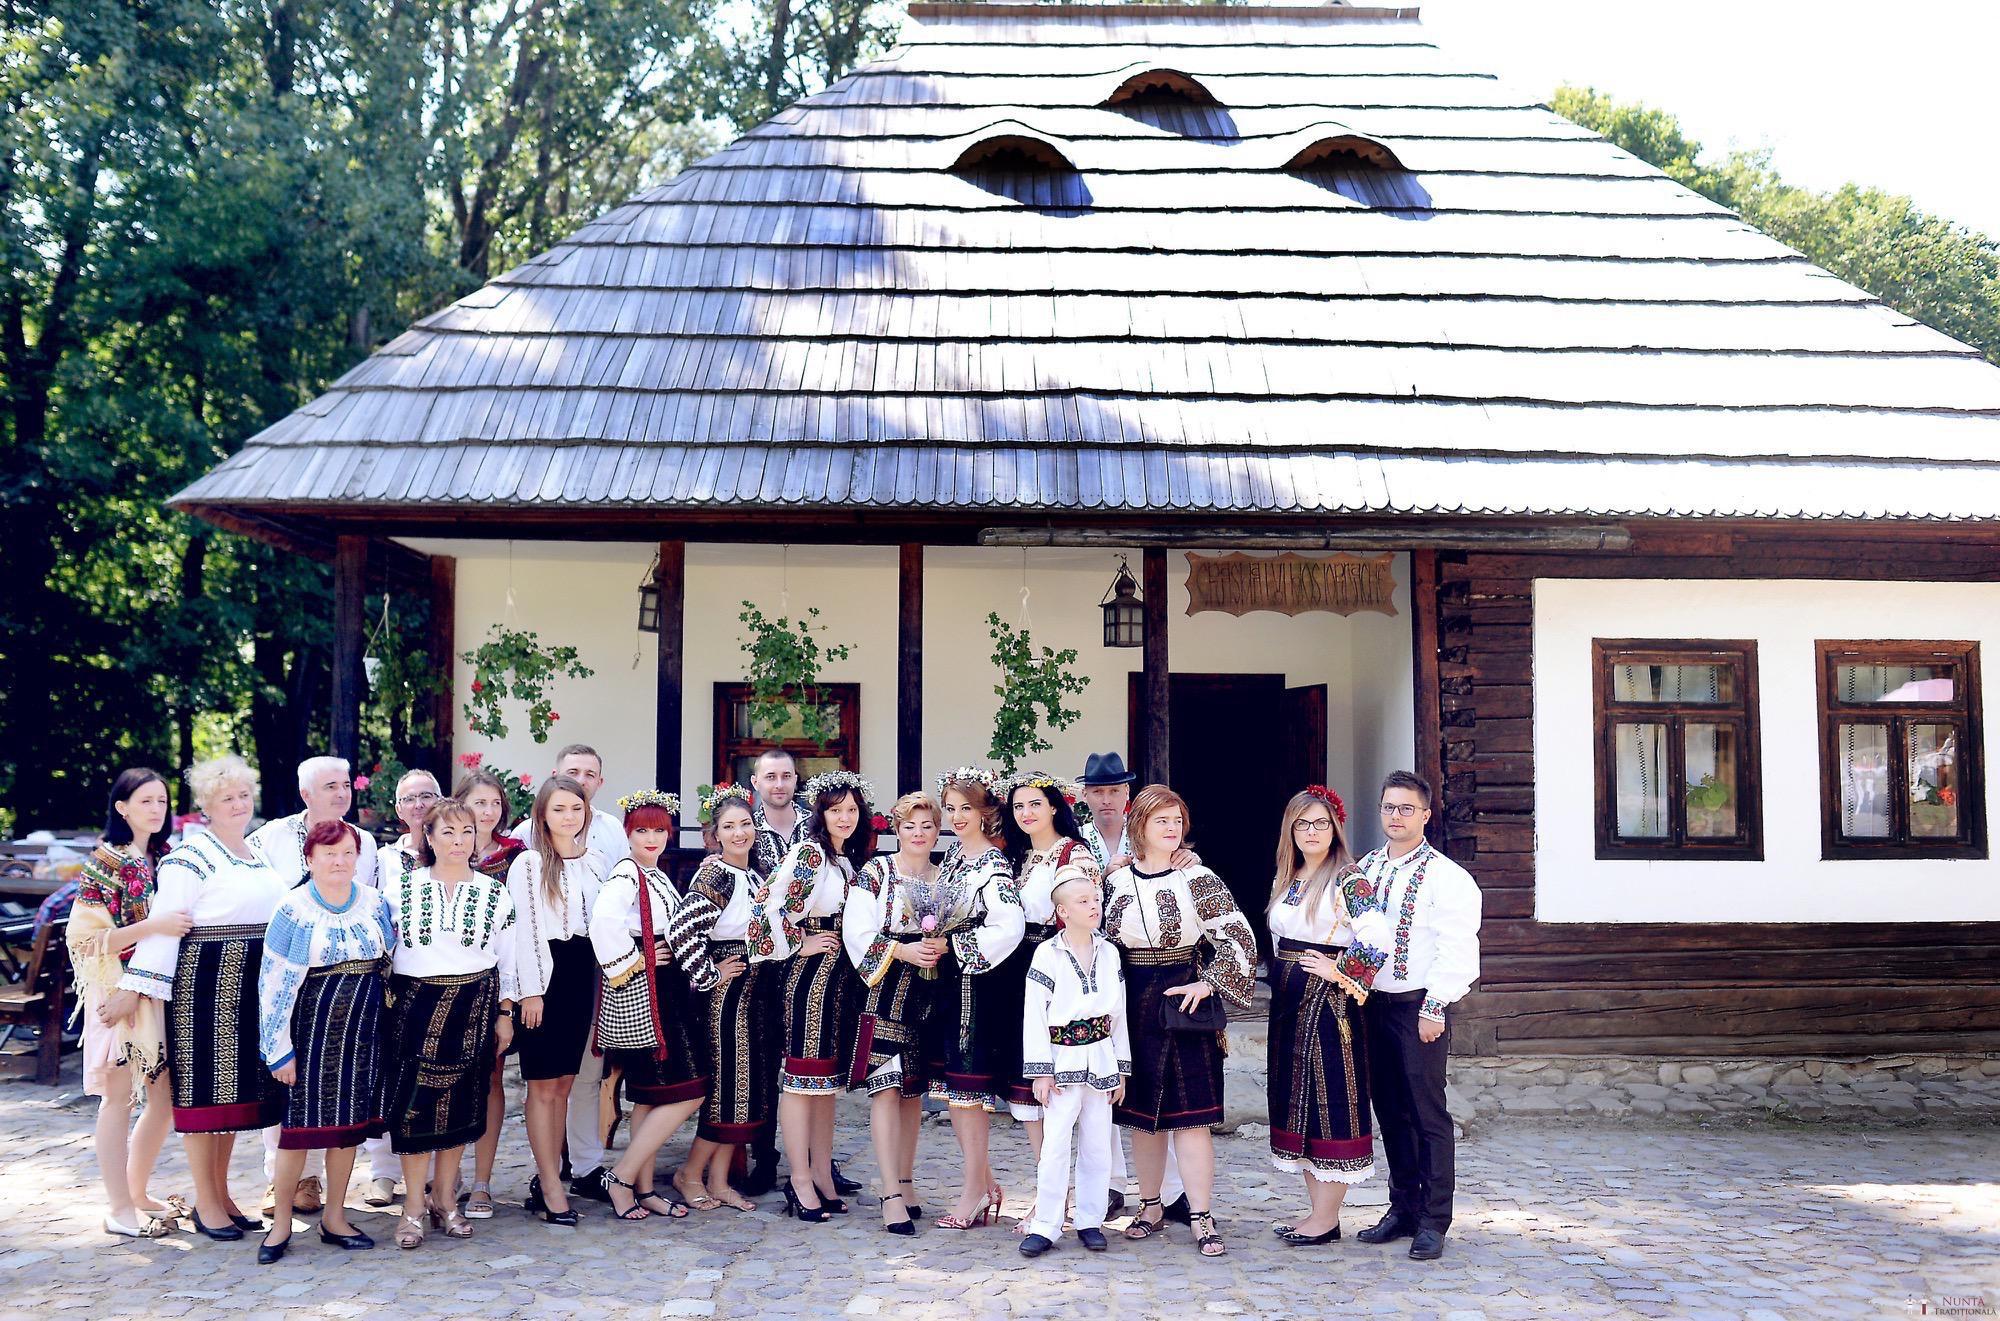 Povești Nunți Tradiționale - Iulia și Andrei. Nuntă tradițională în Bucovina. 24